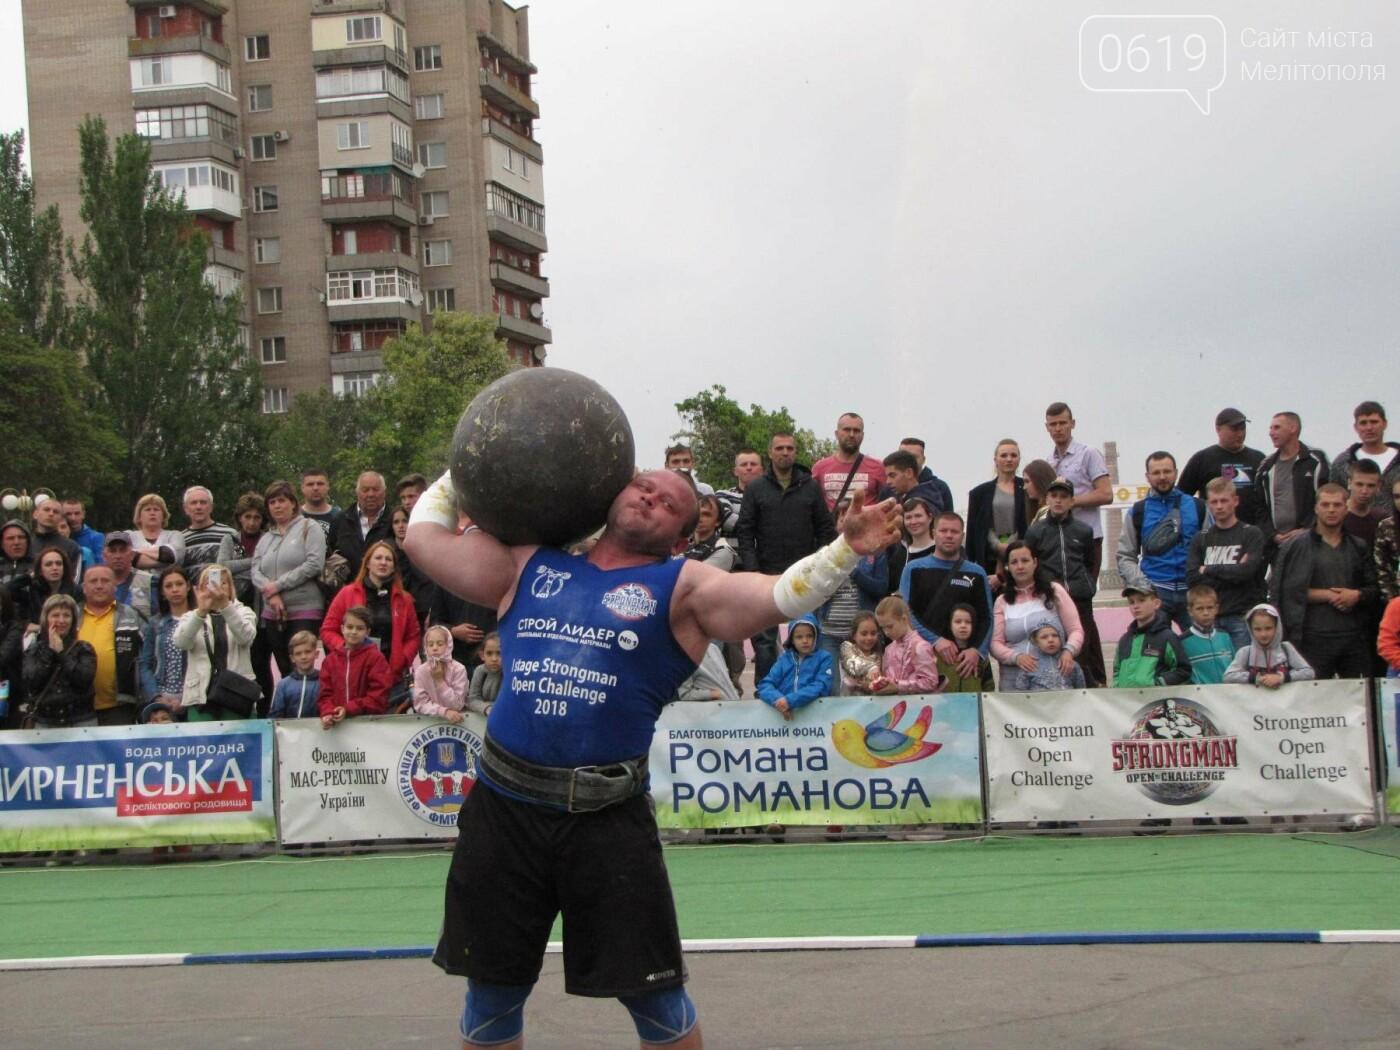 Три победы за неделю: мелитопольский богатырь выиграл второй этап международного чемпионата, фото-20